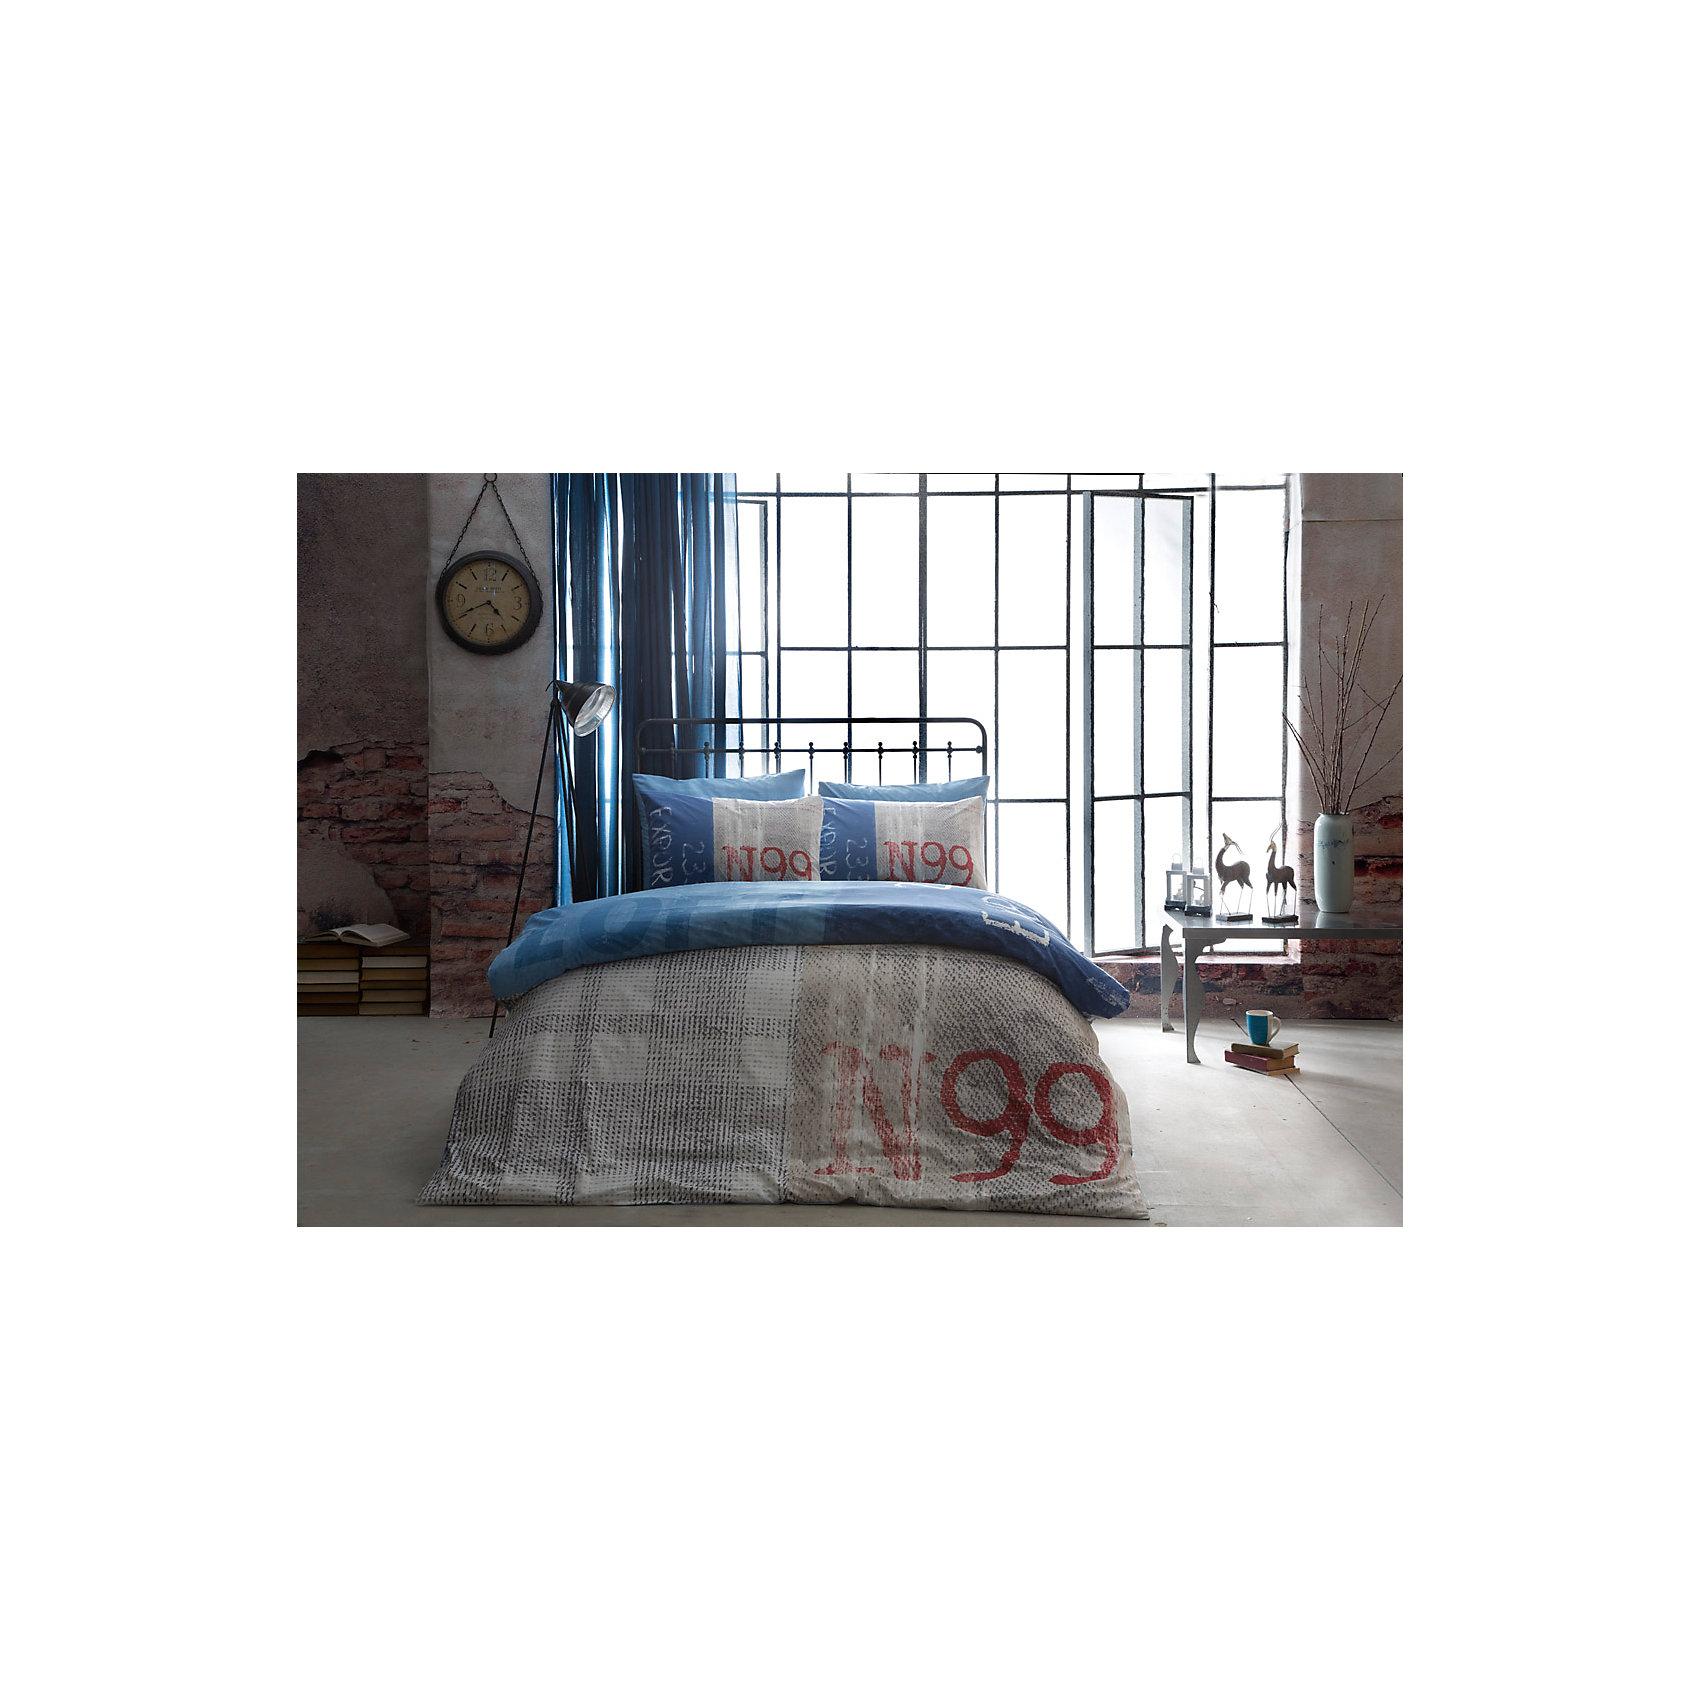 Постельное белье 1,5 сп. Loft, Ranforce, TAC, синийДомашний текстиль<br>Характеристики товара: <br><br>• комплектация: пододеяльник (160х220см), наволочка (50х70см), простынь (180х260см)<br>• общий размер: 1,5-спальный;<br>• материал: ранфорс (100% хлопок);<br>• цвет: синий;<br>• страна бренда: Турция;<br>• страна производитель: Турция.<br><br>Это постельное бельё от турецкого бренда TAC (ТАЧ) отлично впишется в интерьер. Несмотря на плотность ткани, она состоит из мельчайших волокон, что придаёт мягкость и воздушность изделию. Все материалы, которые входят в состав этого комплекта, гипоаллергенны и не вызывают неприятных ощущений.<br><br>Постельное бельё не боится воды, так как пропускает через себя около 20% влаги и выводит наружу, поэтому её очень легко сушить. Такие материалы не электризуются, а наоборот способствуют улучшению сна и хорошо пропускают воздух. <br><br>Такой комплект очень устойчив к частым стиркам, его рекомендуется стирать обычным порошком. Ткань отличается особой износоустойчивостью и прочностью.<br><br>Постельное белье Loft (Лофт) можно купить в нашем интернет-магазине.<br><br>Ширина мм: 270<br>Глубина мм: 70<br>Высота мм: 390<br>Вес г: 2200<br>Возраст от месяцев: 216<br>Возраст до месяцев: 1188<br>Пол: Унисекс<br>Возраст: Детский<br>SKU: 6849245